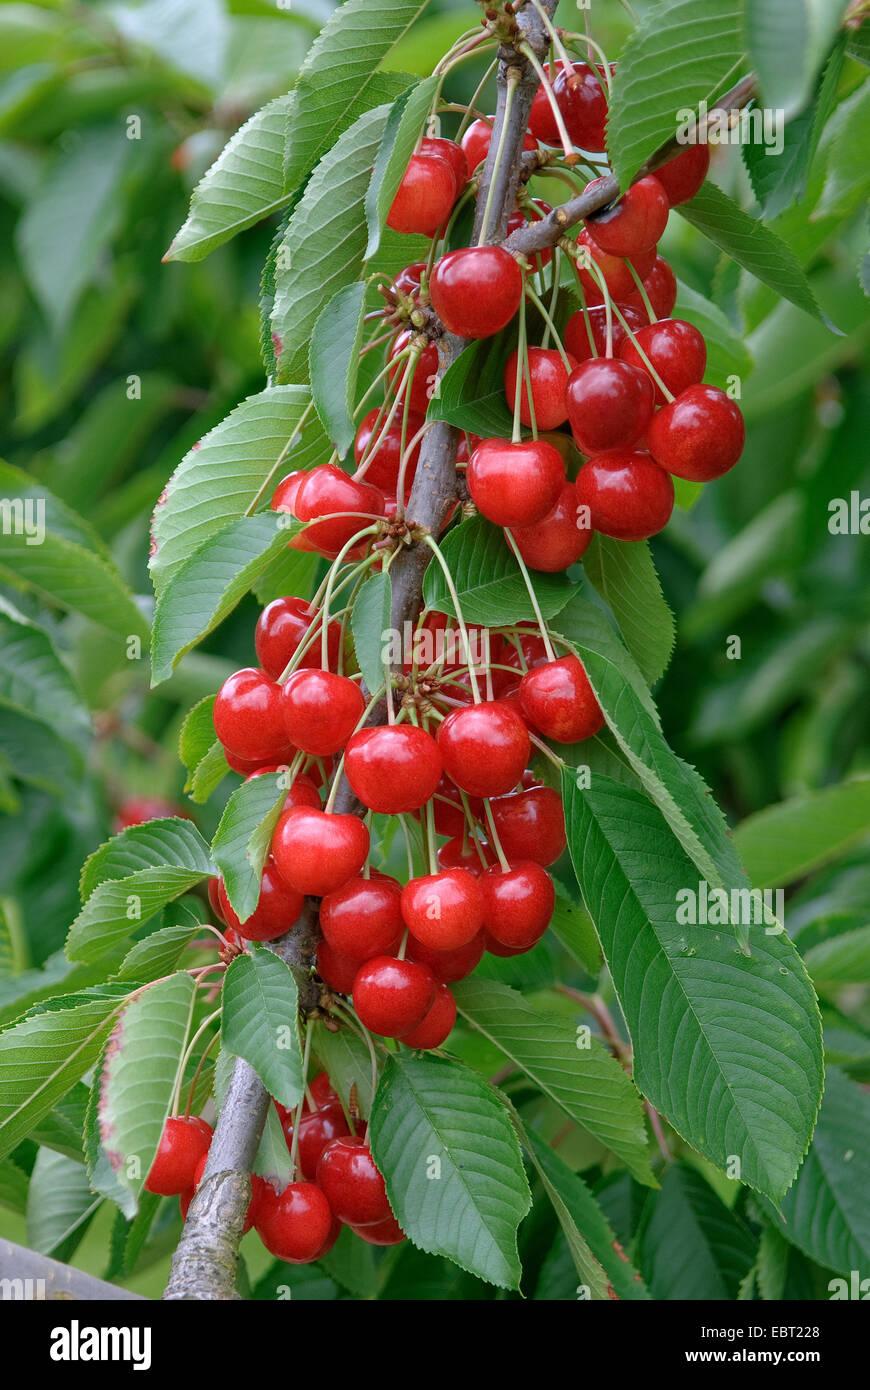 Cherry tree, Sweet cherry (Prunus avium 'Sue', Prunus avium Sue), cultivar Sue, cherries on a tree - Stock Image